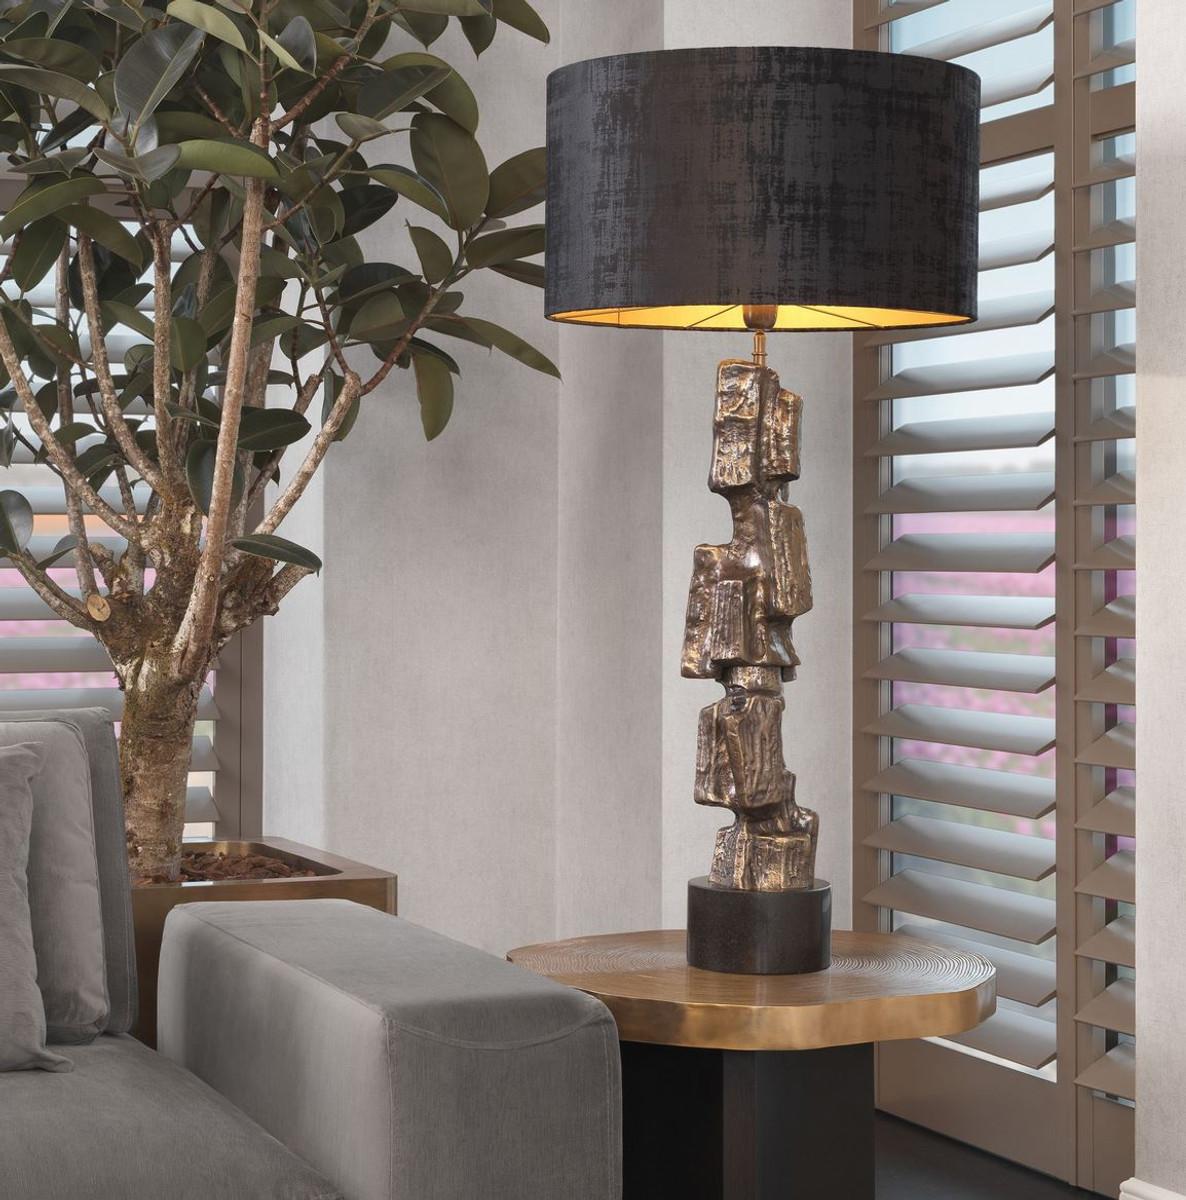 Casa Padrino Lampada Da Tavolo Di Lusso Ottone Vintage Nero O 55 X A 113 Cm Lampada Da Tavolo Moderna Con Base In Granito E Paralume Rotondo Lampada Da Soggiorno Casa Padrino De